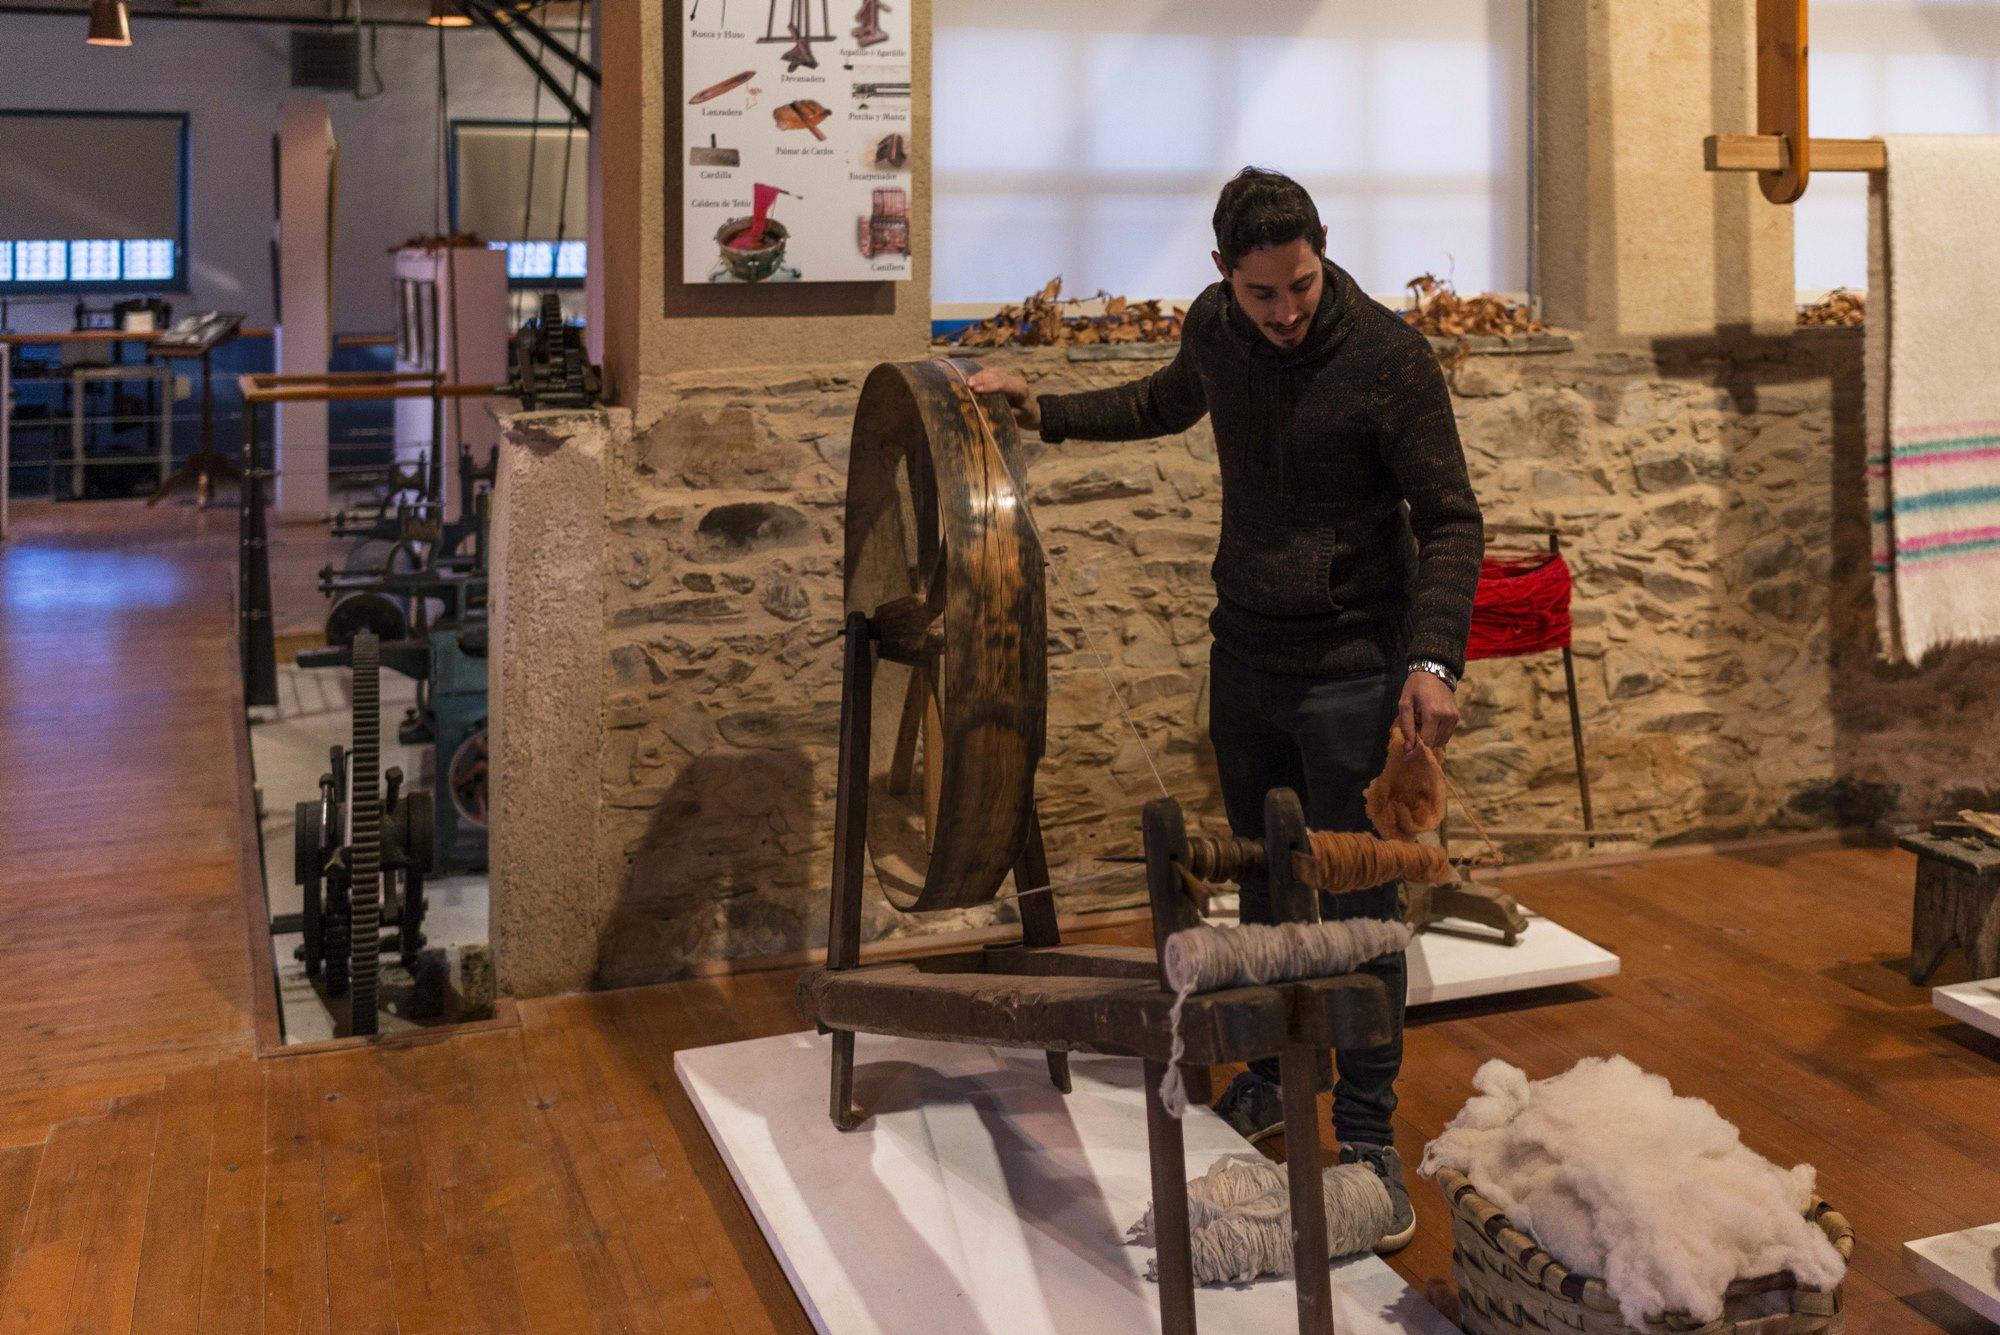 El Museo Textil con Javier, el tamborilero universitario enamorado de su pueblo.